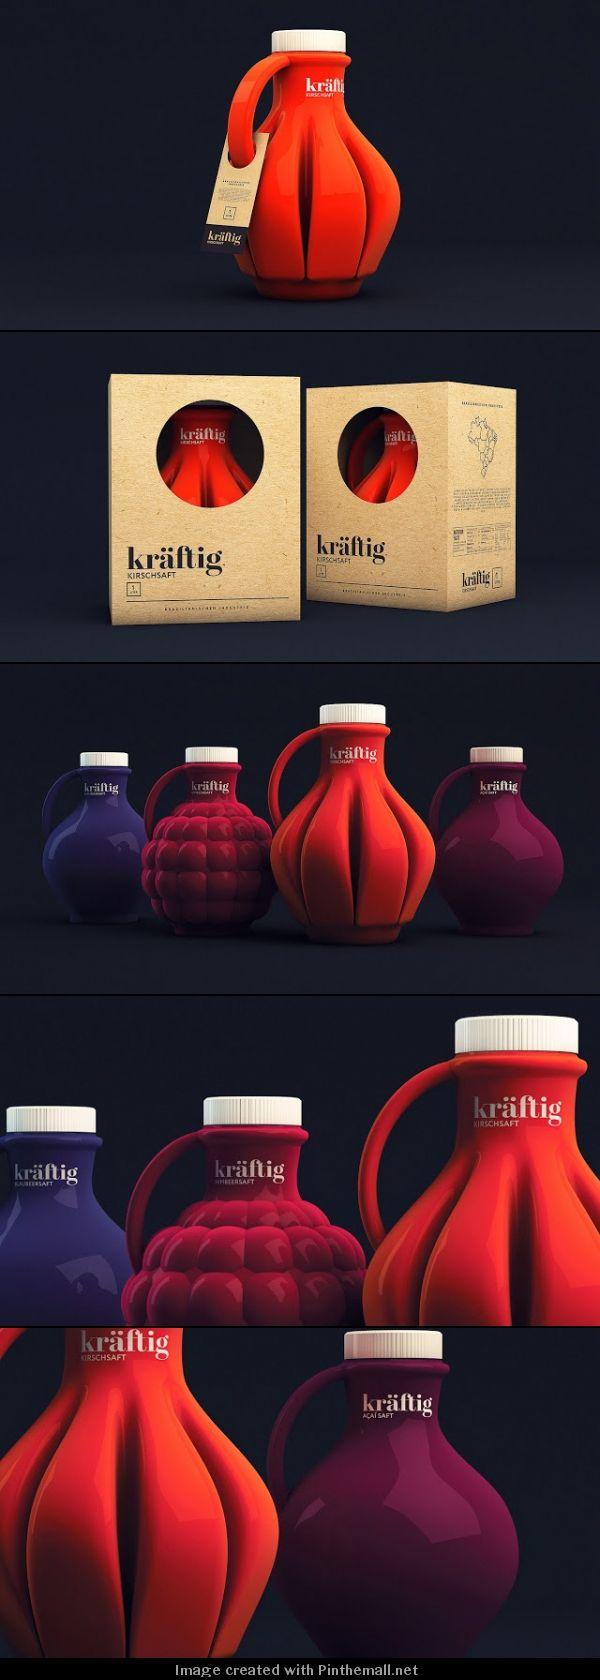 Kraftig By Isabela Rodrigues Creative Packaging Design Packaging Design Inspiration Packaging Inspiration